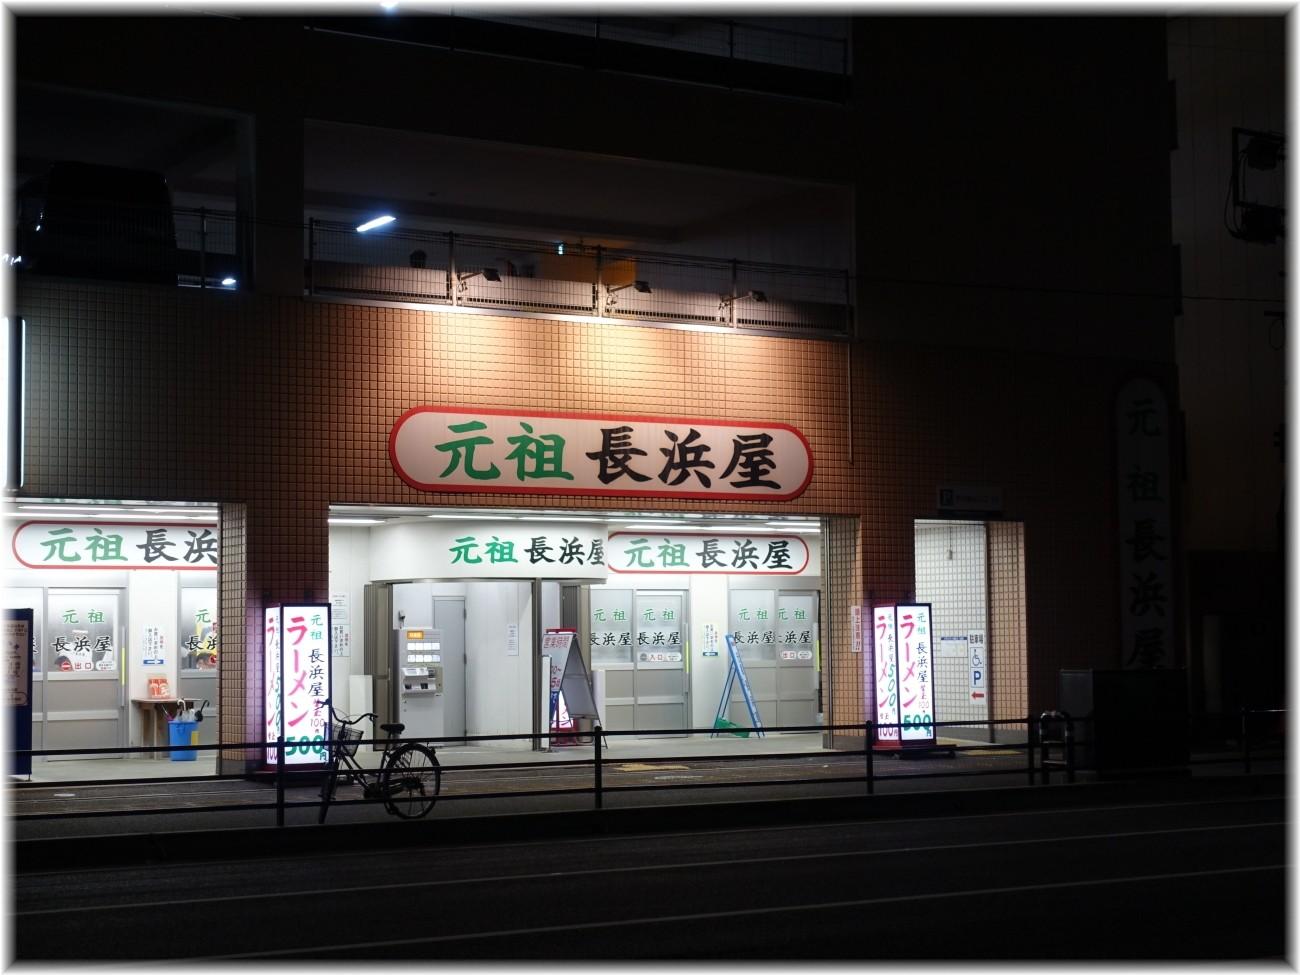 元祖長浜屋6 外観